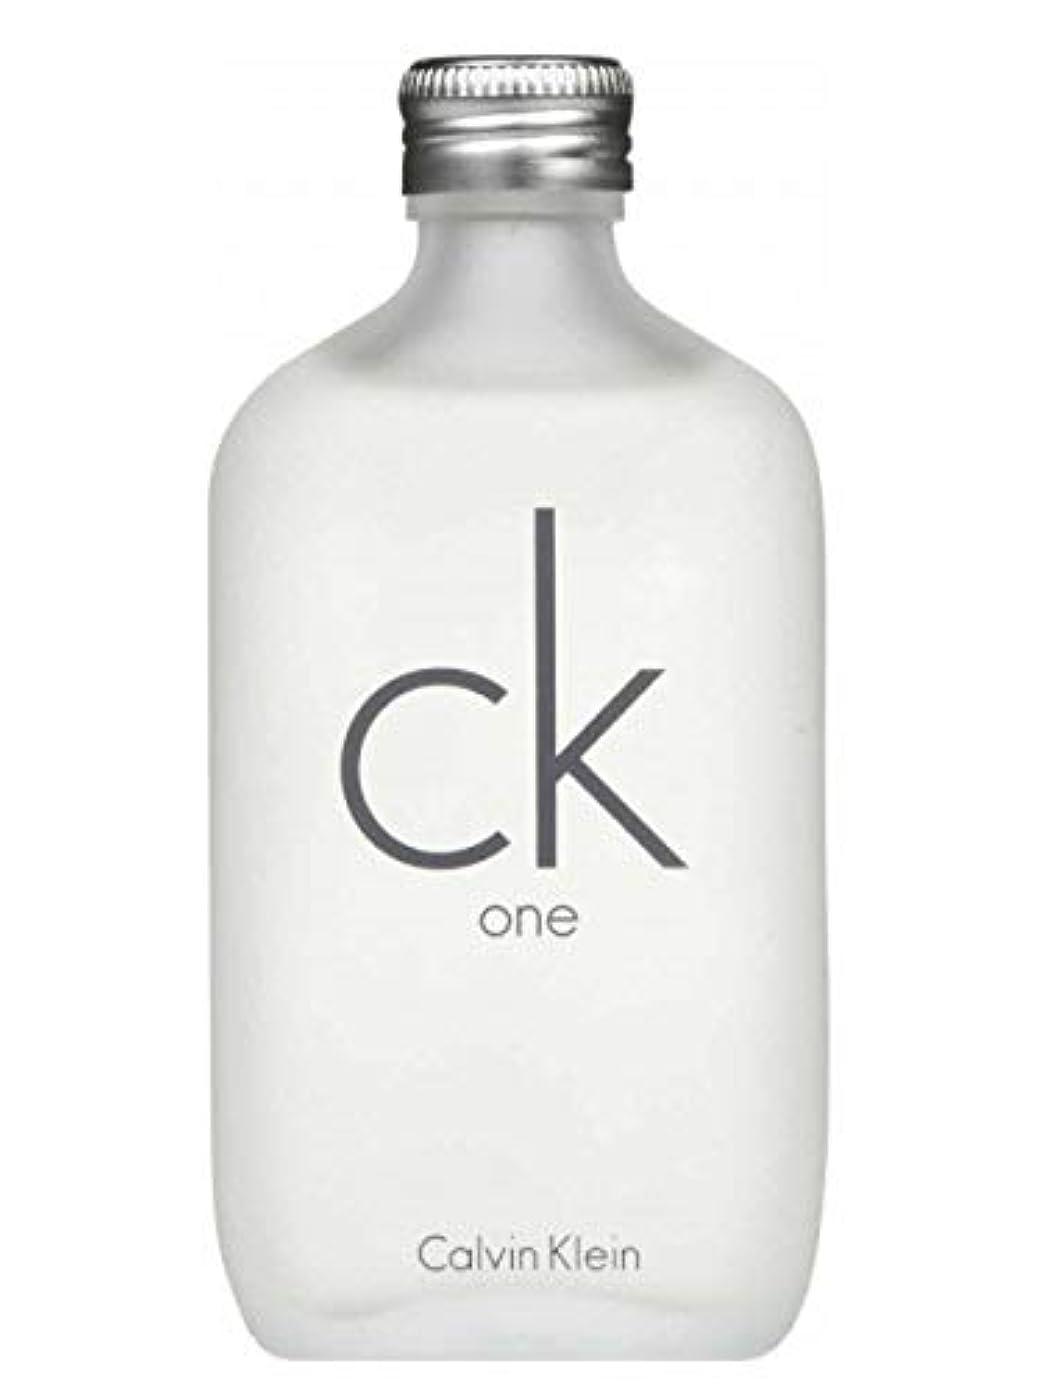 暗唱する艶初期カルバン クライン 香水 シーケーワン (CK ONE) EDT SP 100ml 【並行輸入品】